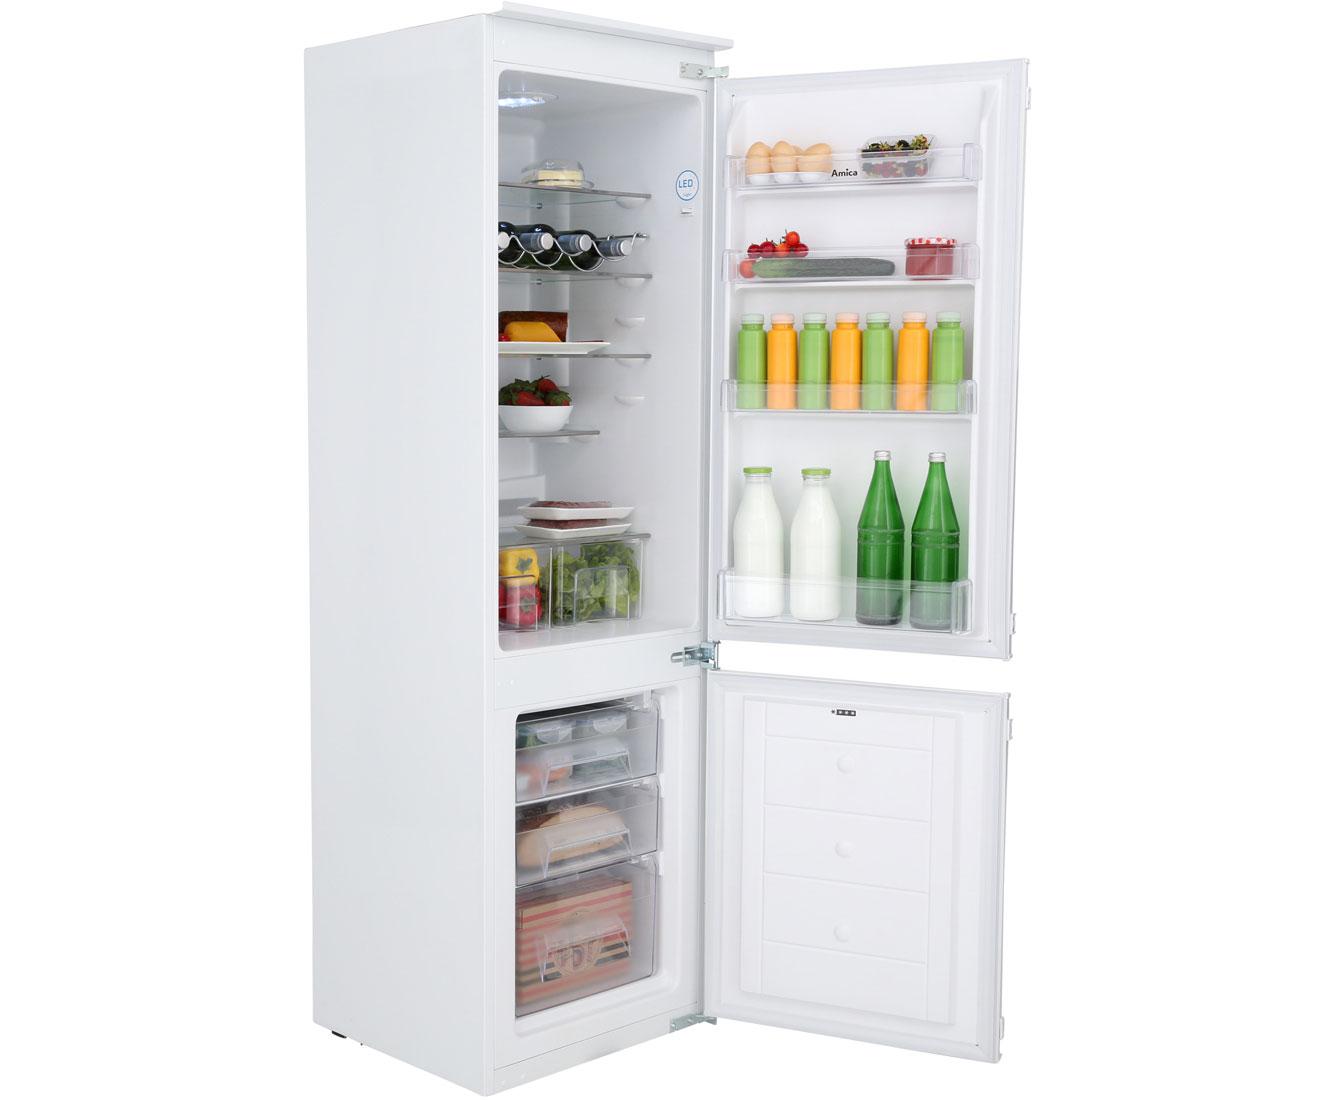 Kühlschrank Kombi : Kühl gefrier kombi haier kühl gefrierkombi hrfz aaas lidl de